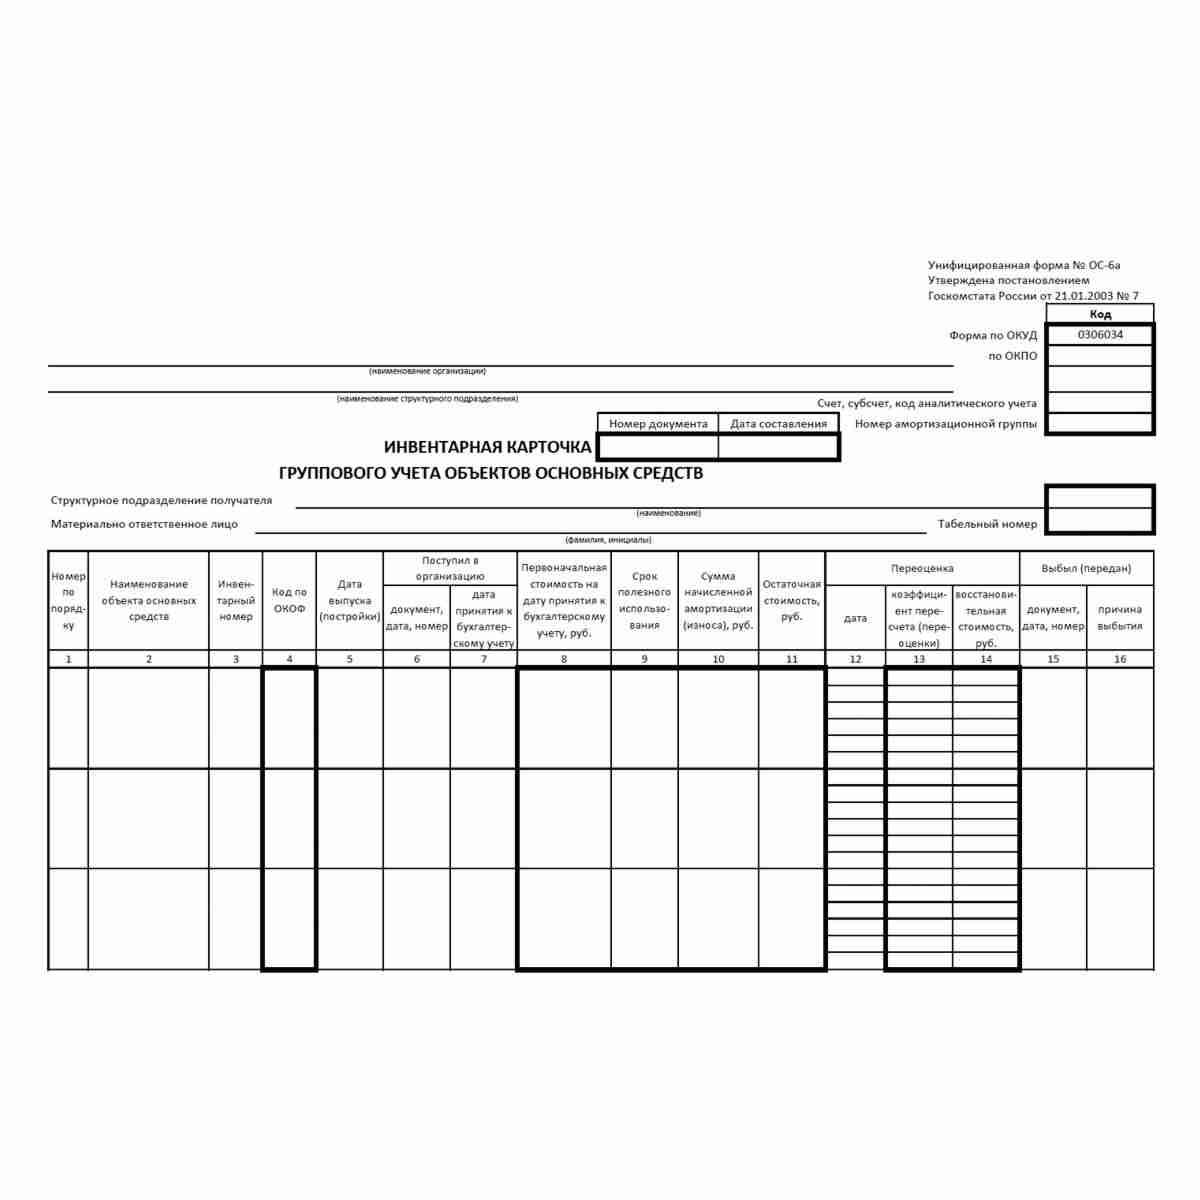 """Унифицированная форма первичной учетной документации № ОС-6а """"Инвентарная карточка группового учета объектов основных средств"""" (ОКУД 0306034). Лицевая сторона"""